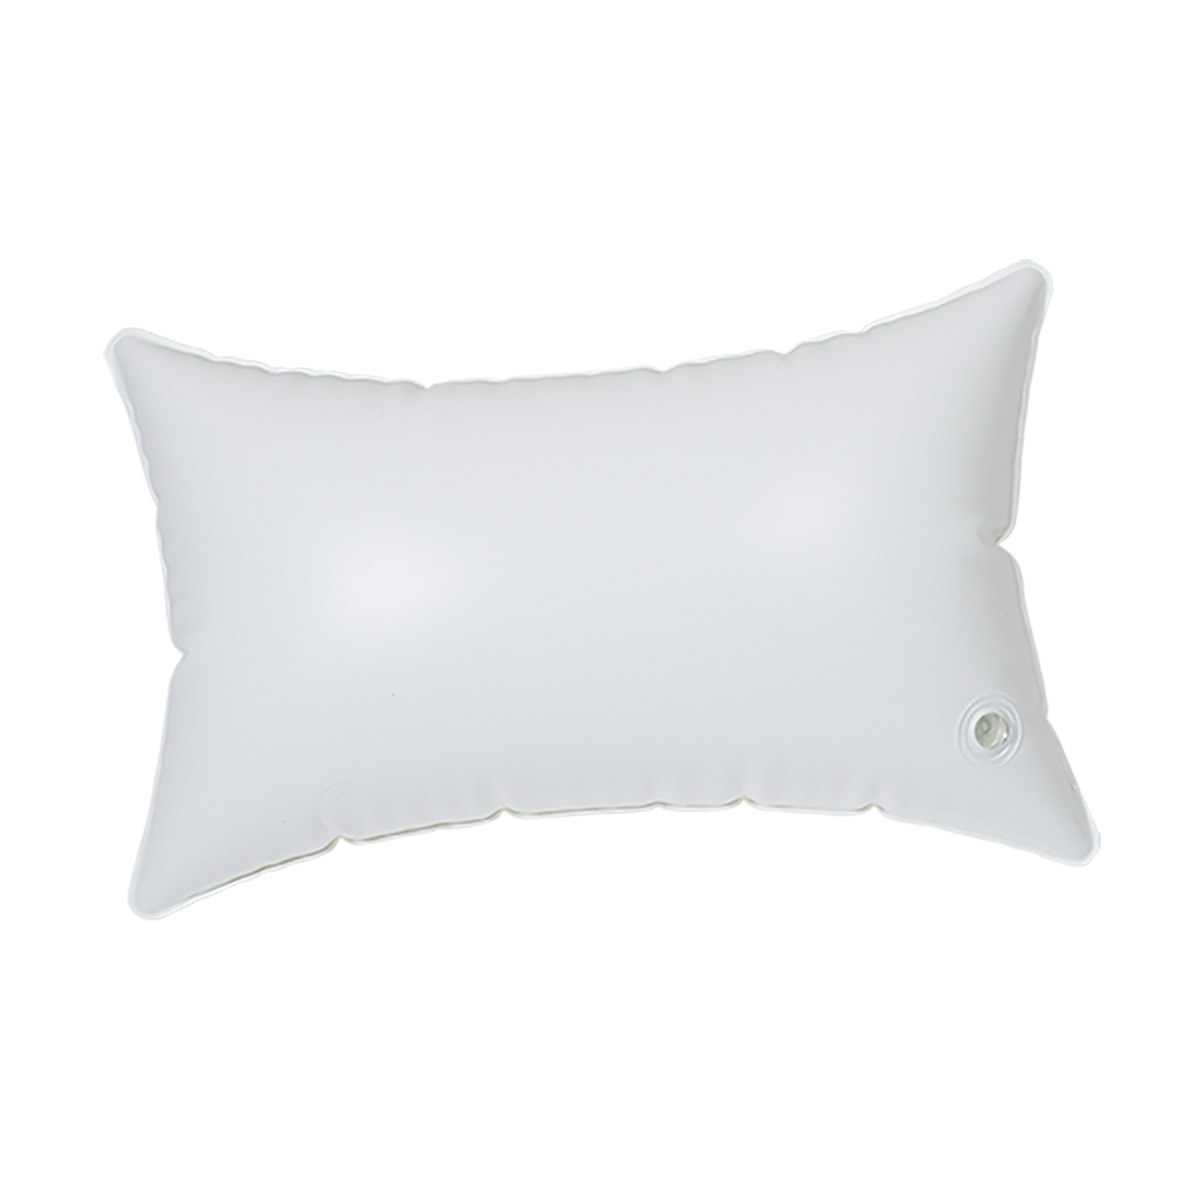 coussin de plage gonflable rose fonc clair relax saint laurent. Black Bedroom Furniture Sets. Home Design Ideas